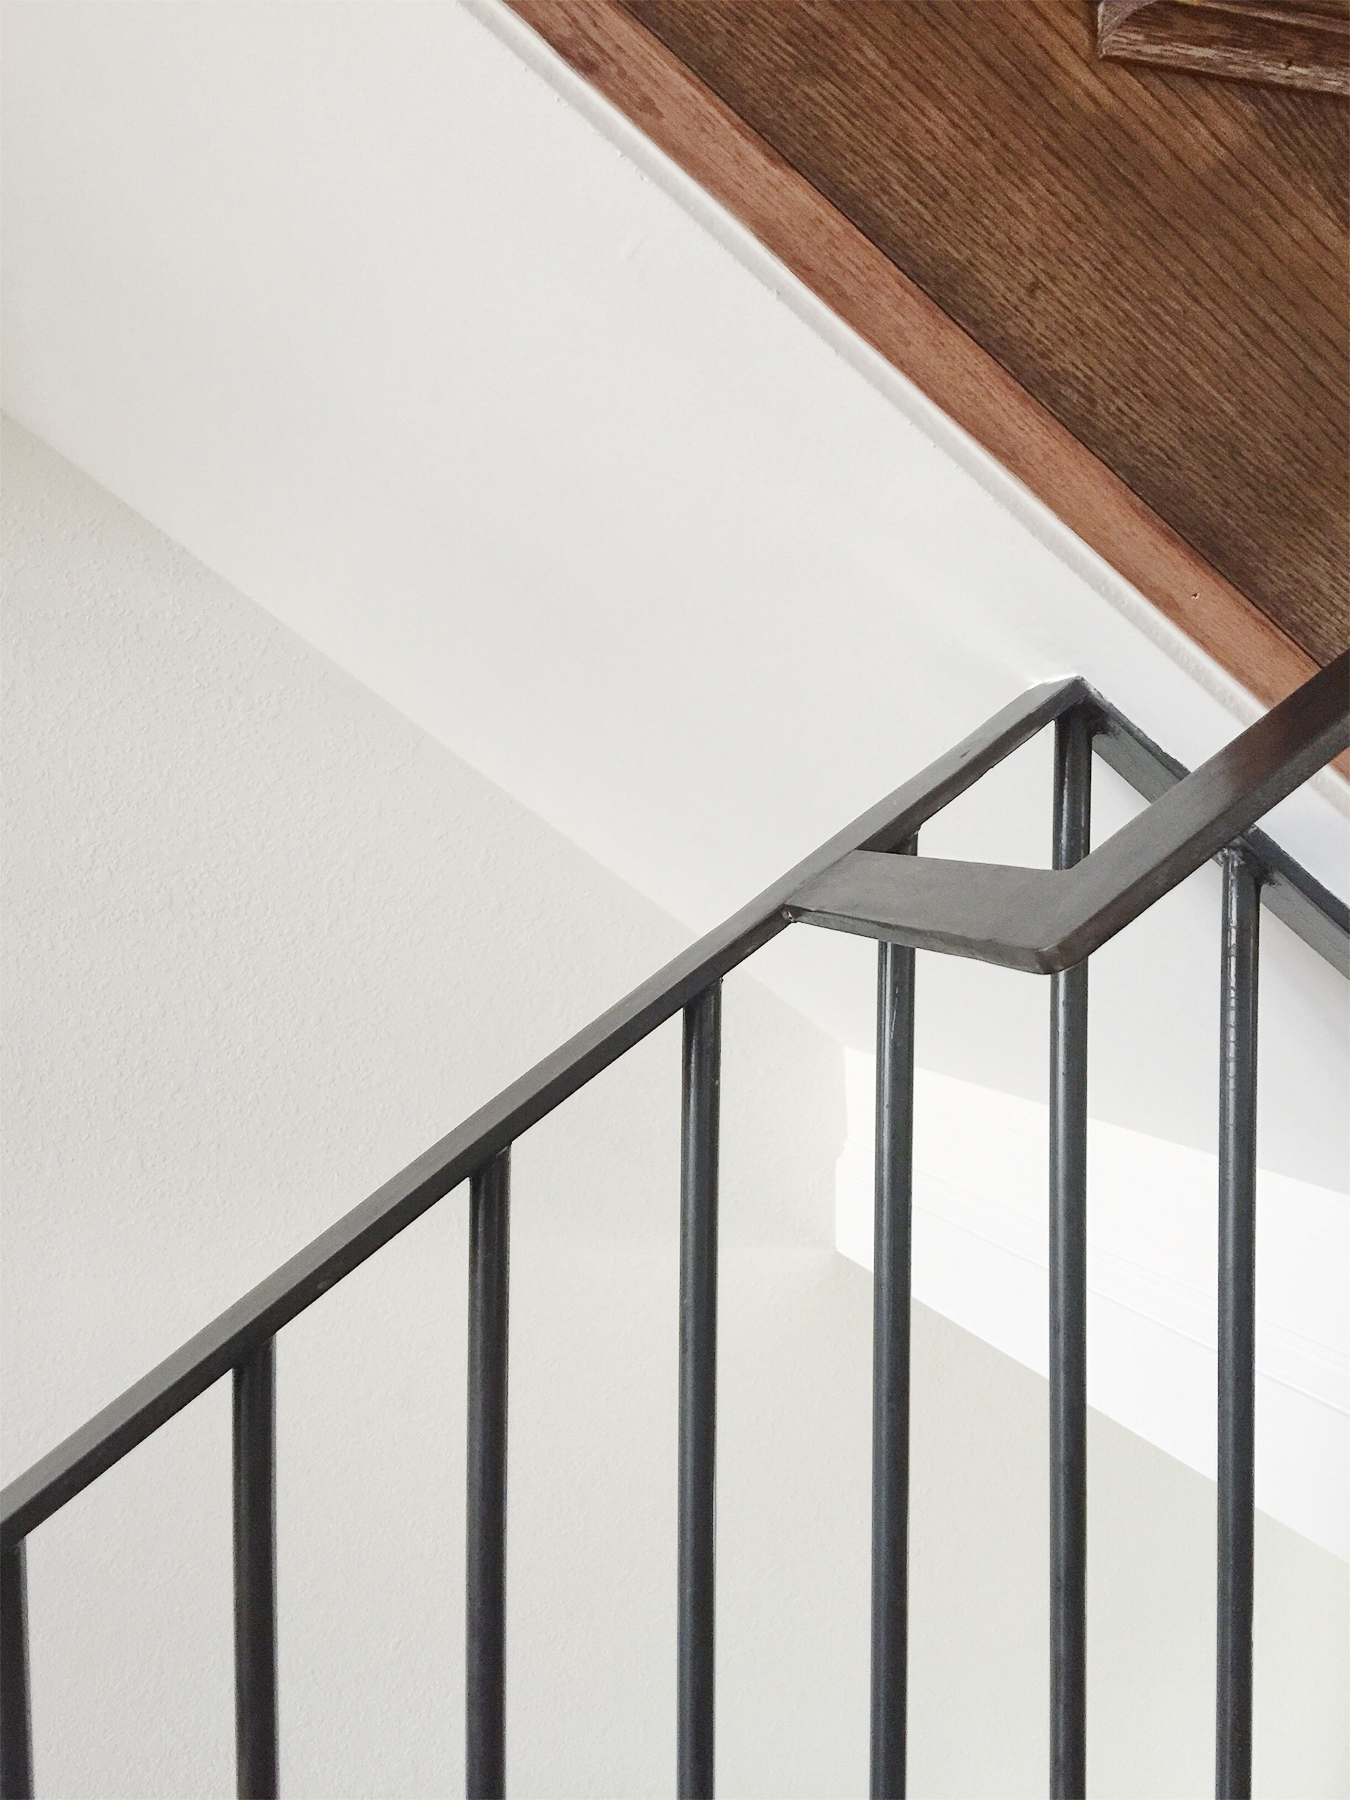 Lake Oconee lake house stairwell.jpg